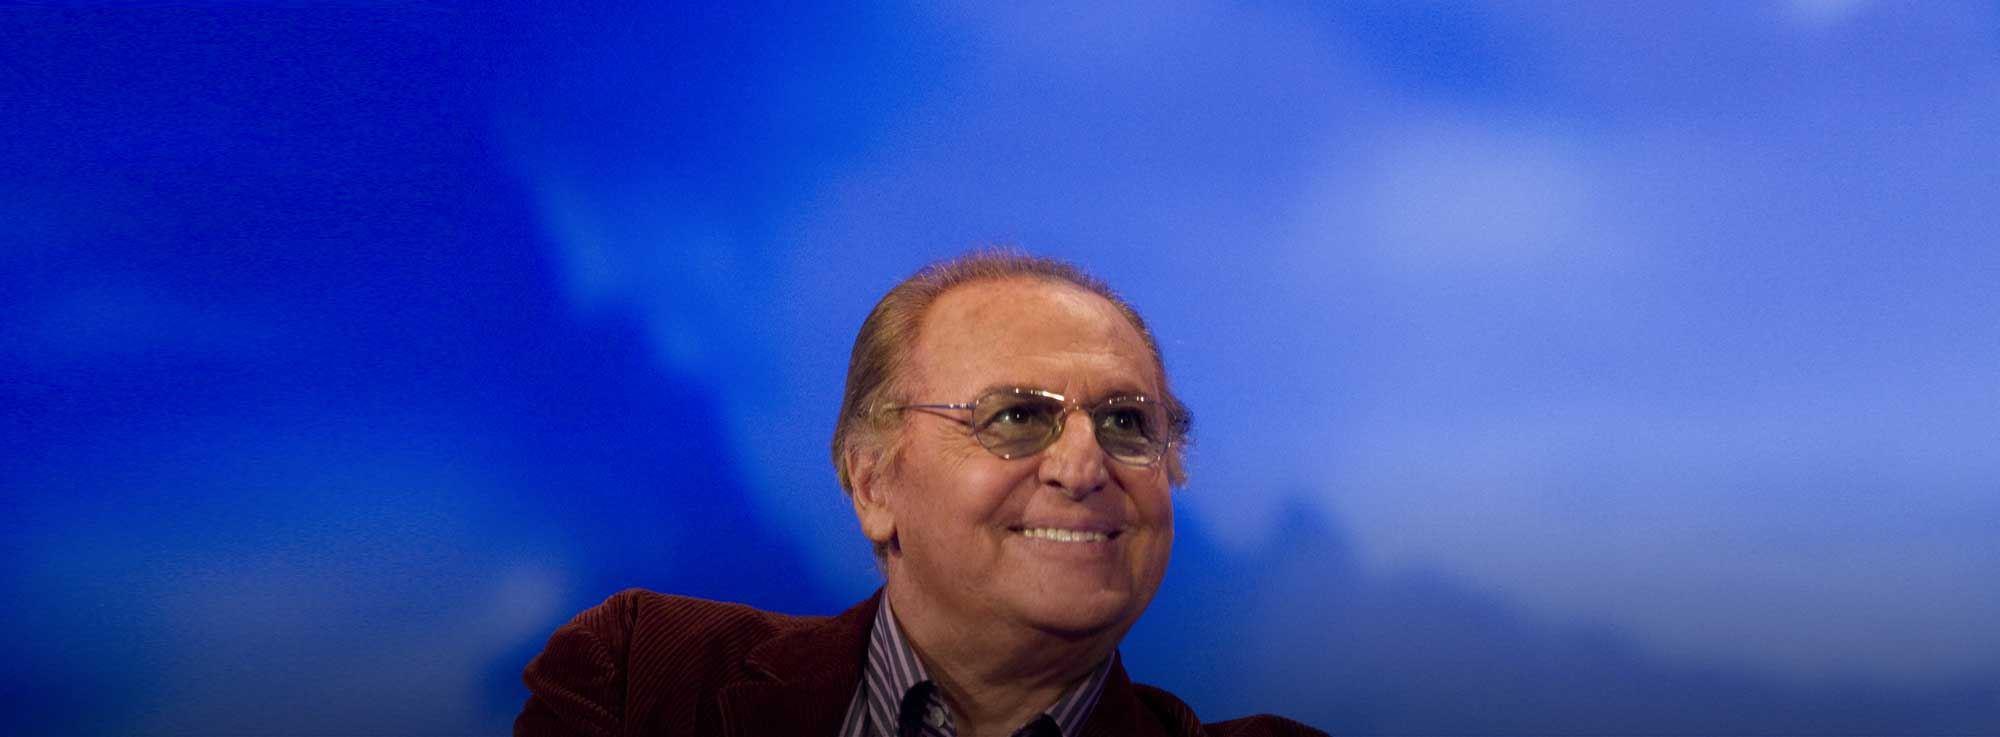 Foggia: Renzo Arbore presenta il suo libro